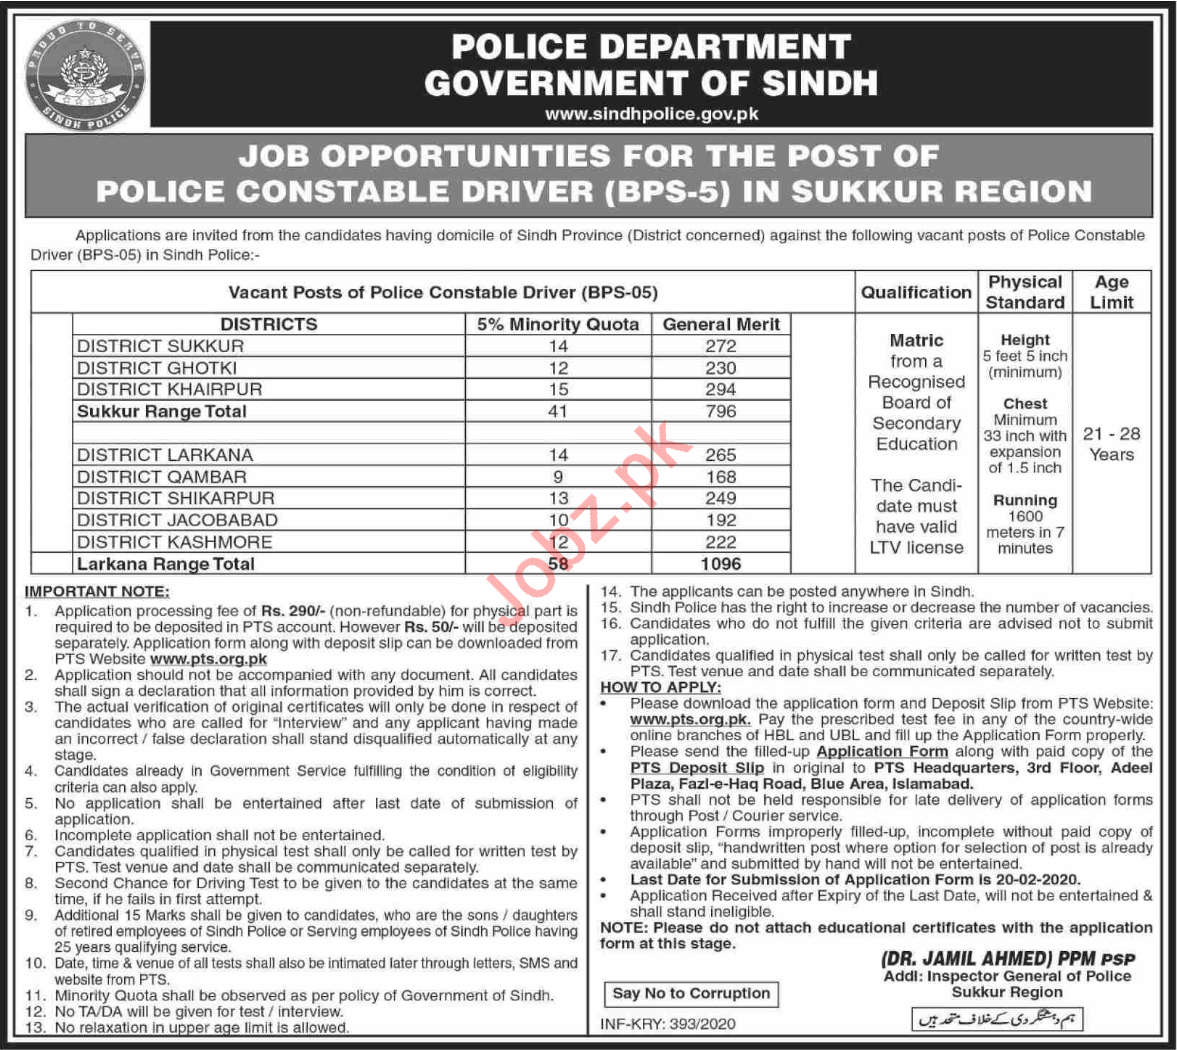 Constable Driver Jobs in Sindh Police Sukkur Region Via PTS